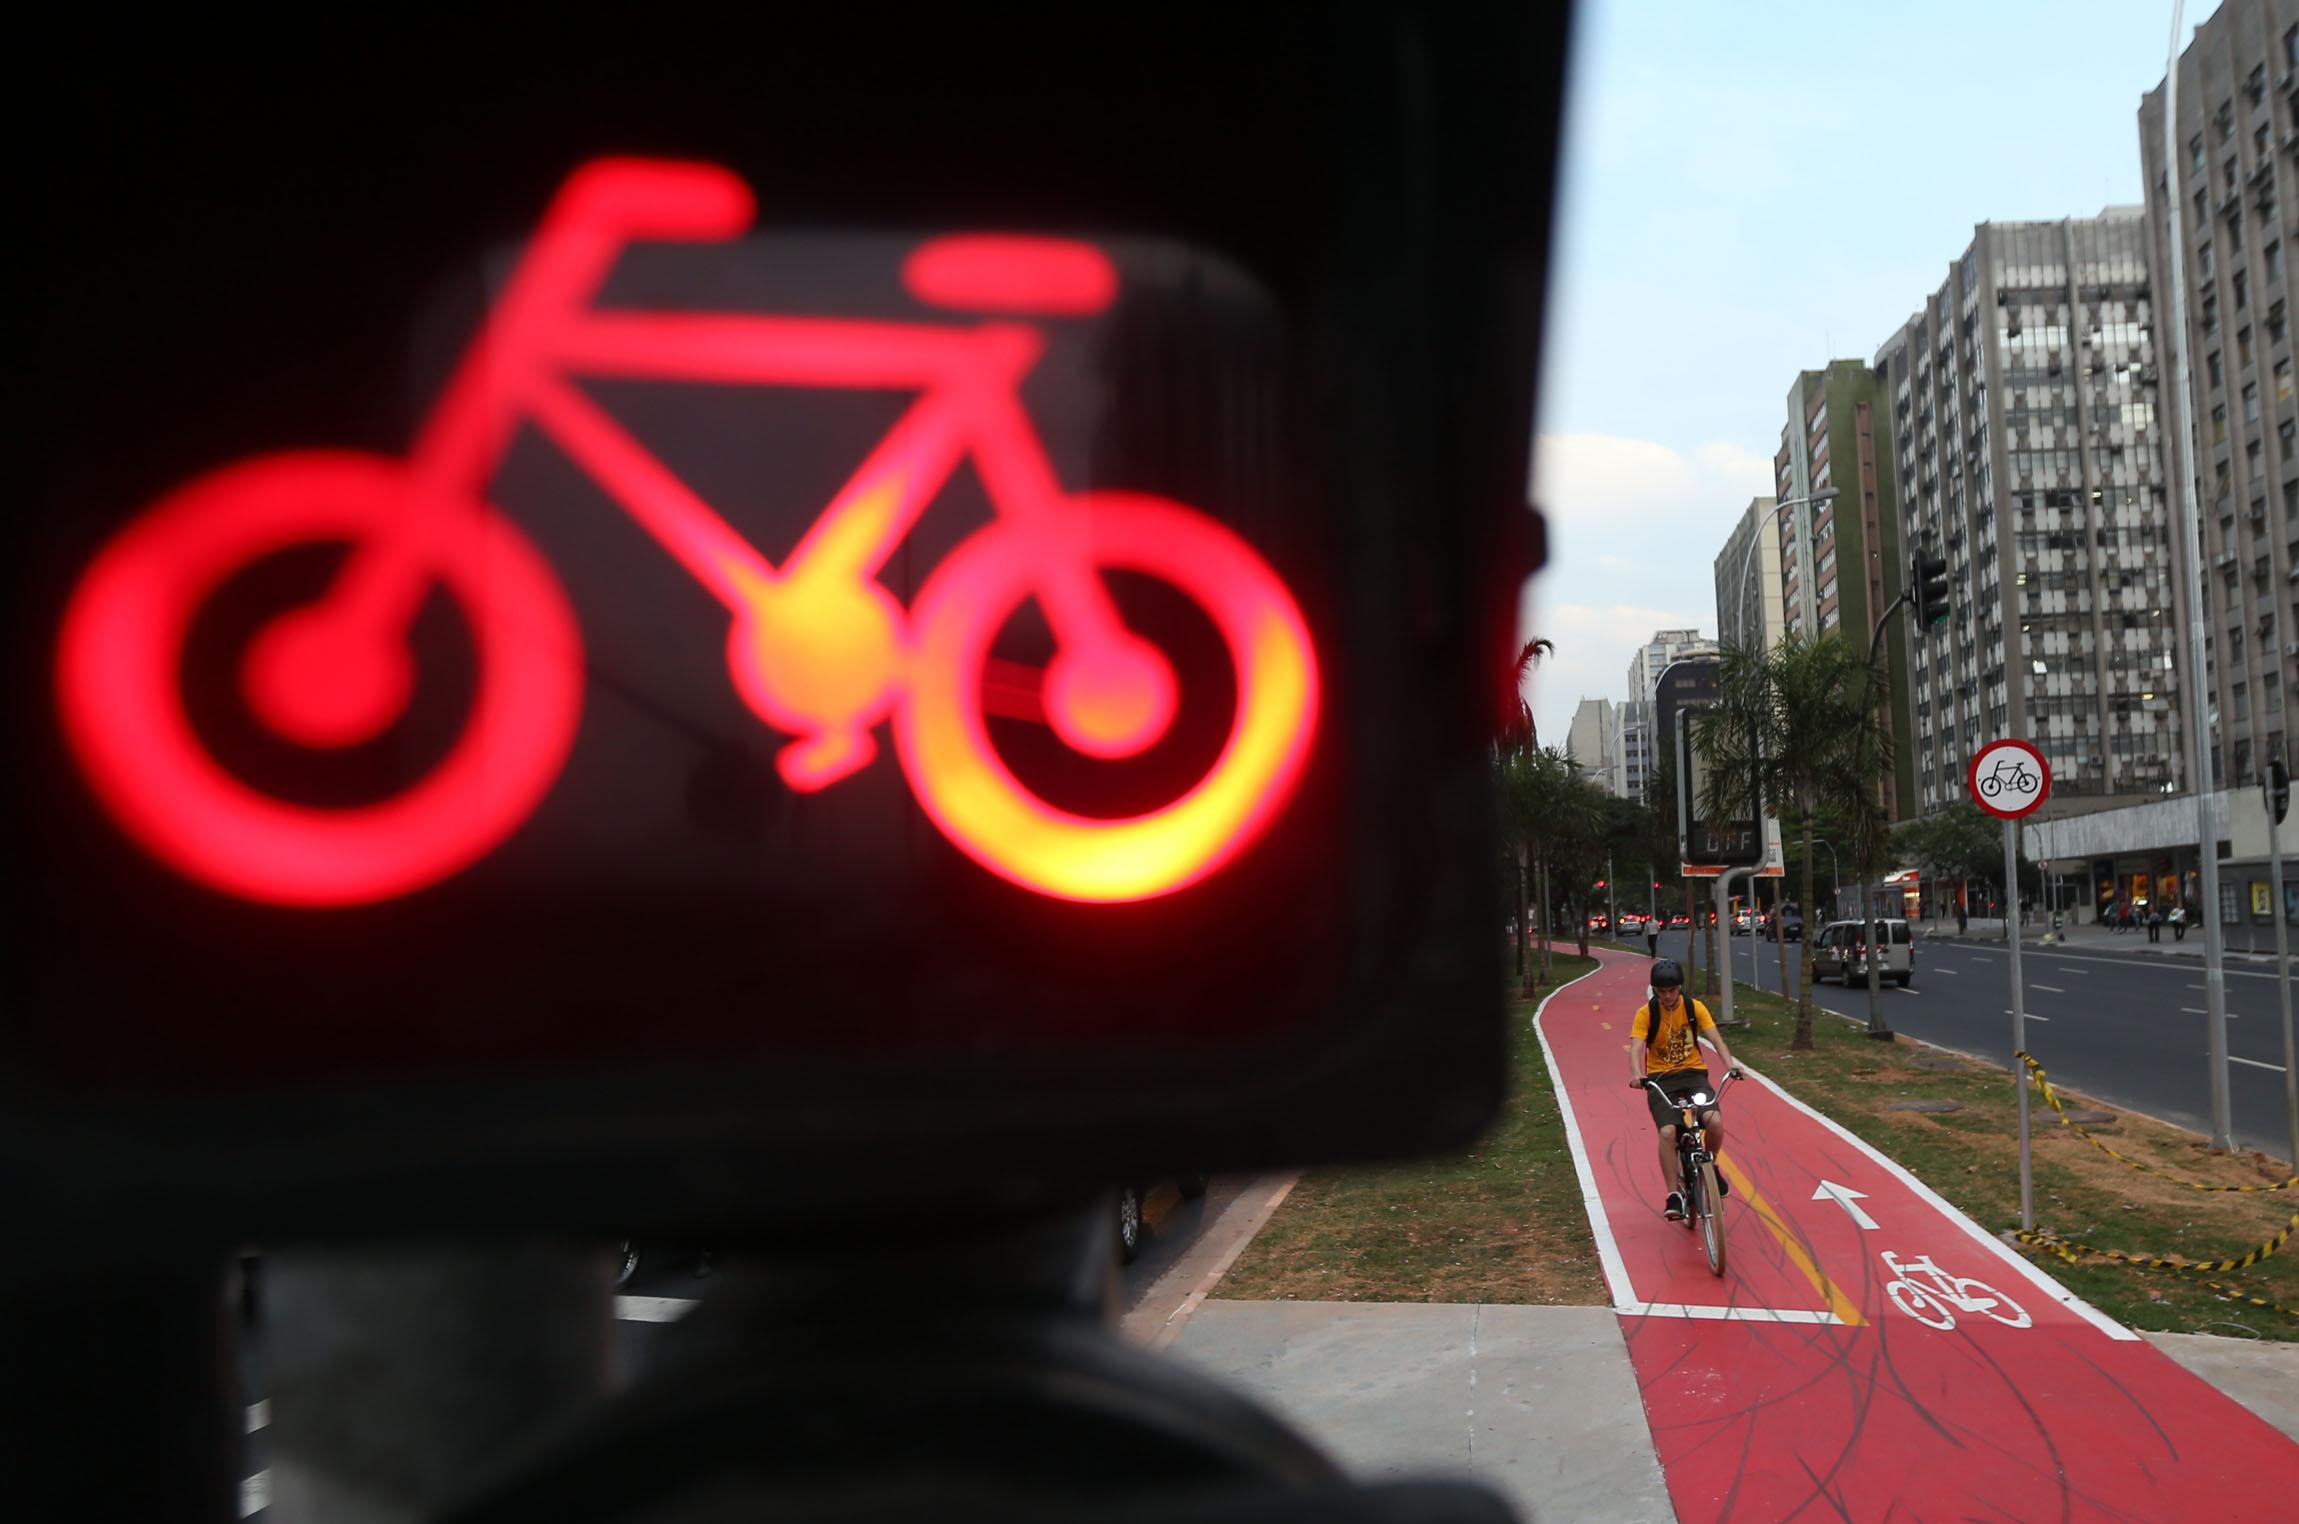 CIC SÃO PAULO   10/10/2012    CIDADES CICLOVIA Vista da ciclovia situada na avenida Faria Lima, que será inaugurada esta semana mas já esta sendo utilizada mesmo ainda não totalmente concluída. FOTO: JF DIORIO / AE